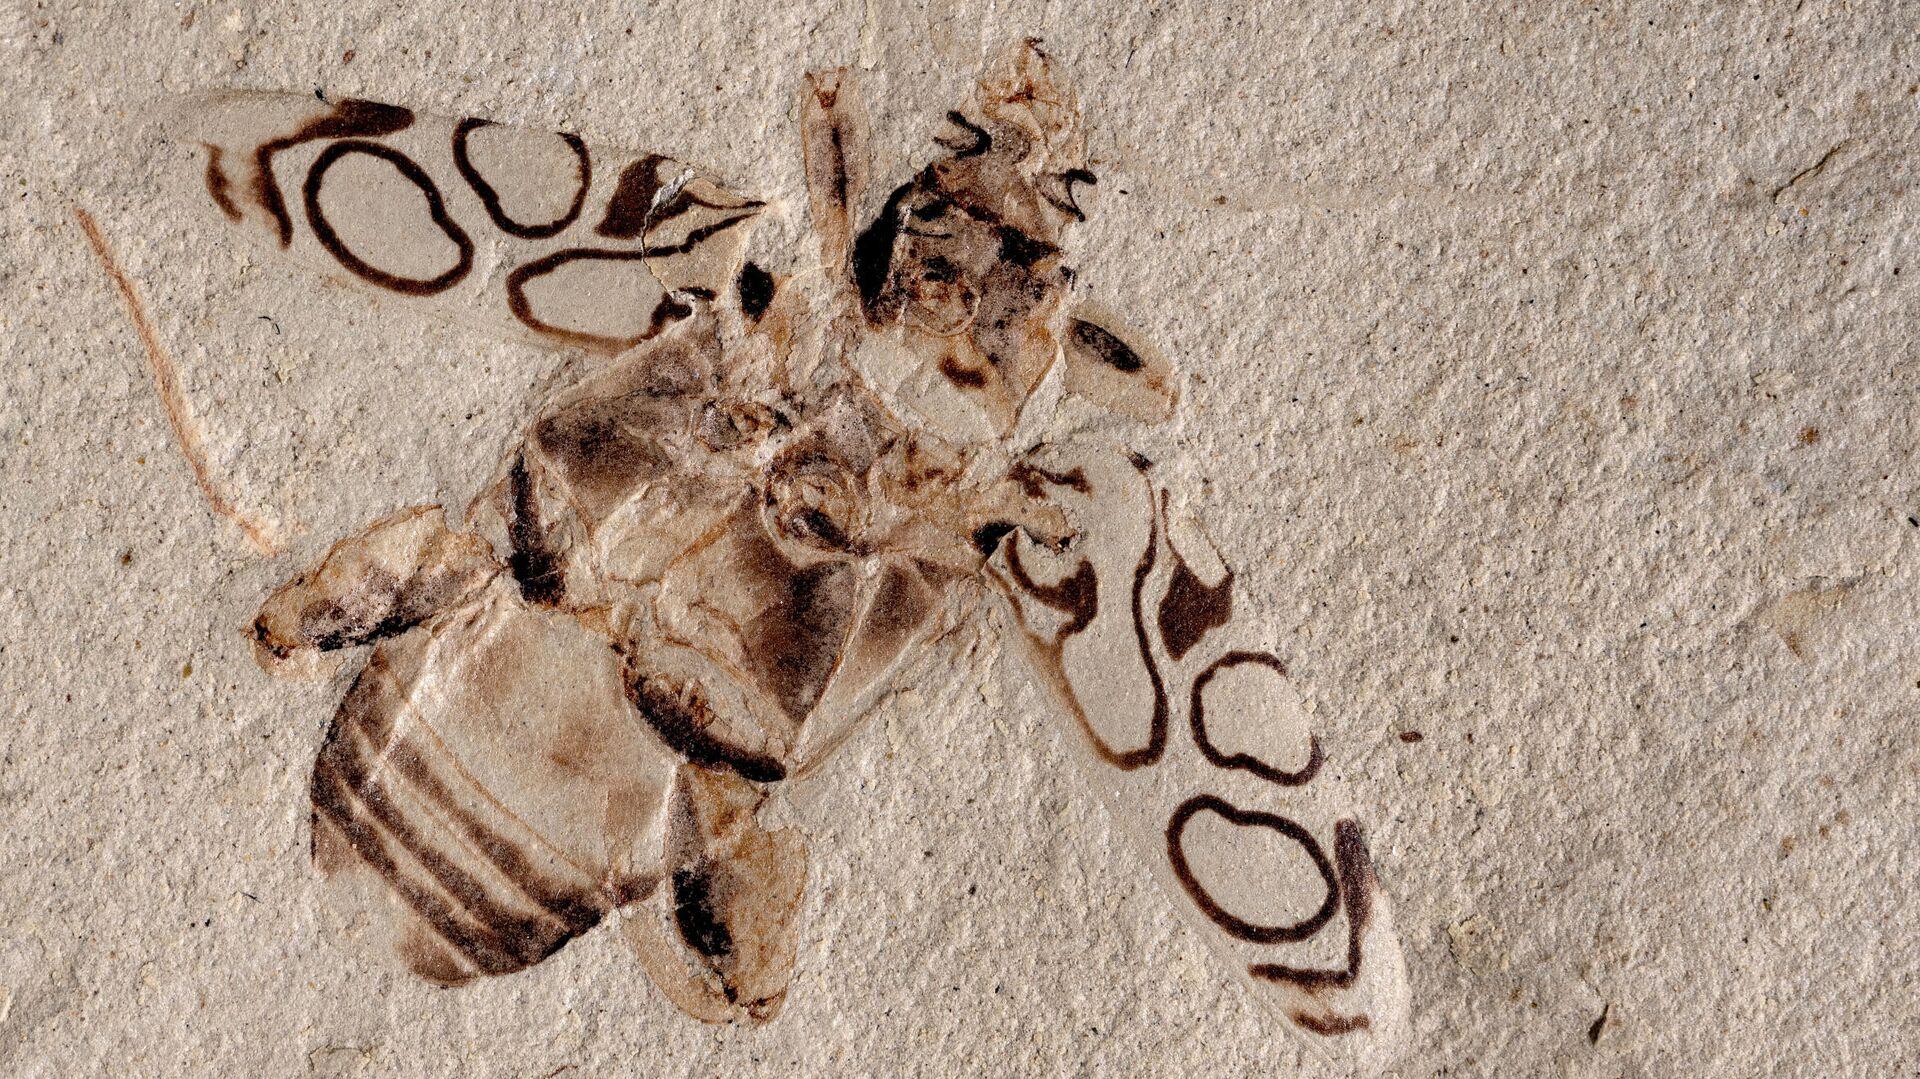 El fosil del escarabajo Pulchritudo attenboroughi  - Sputnik Mundo, 1920, 15.08.2021